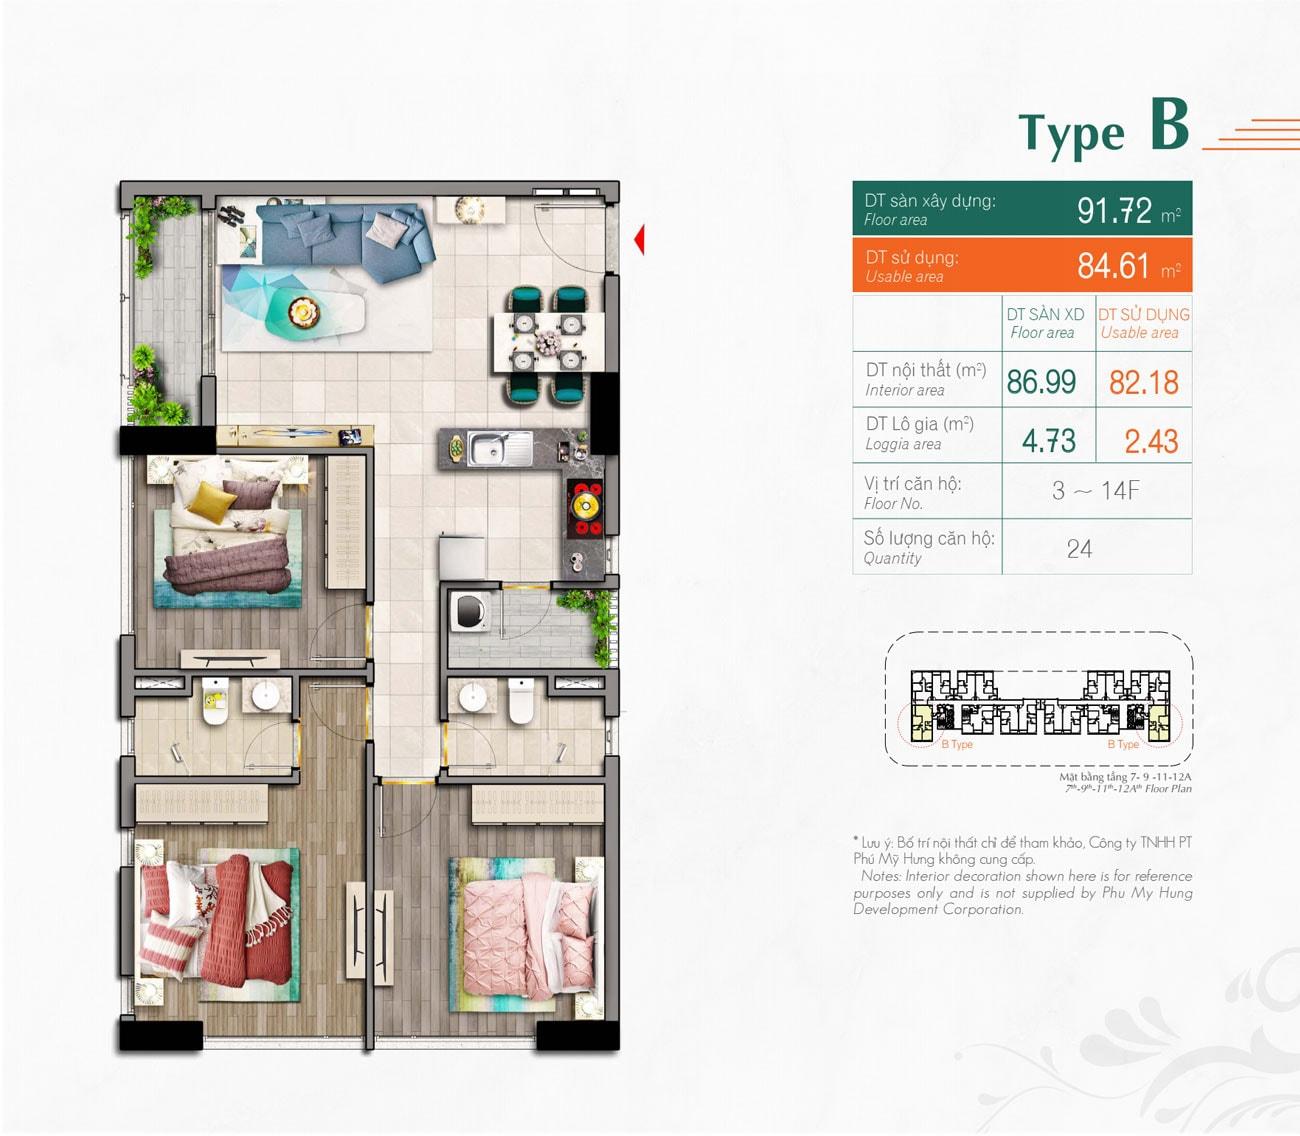 Kiểu căn hộ Type B Hưng Phúc Premier